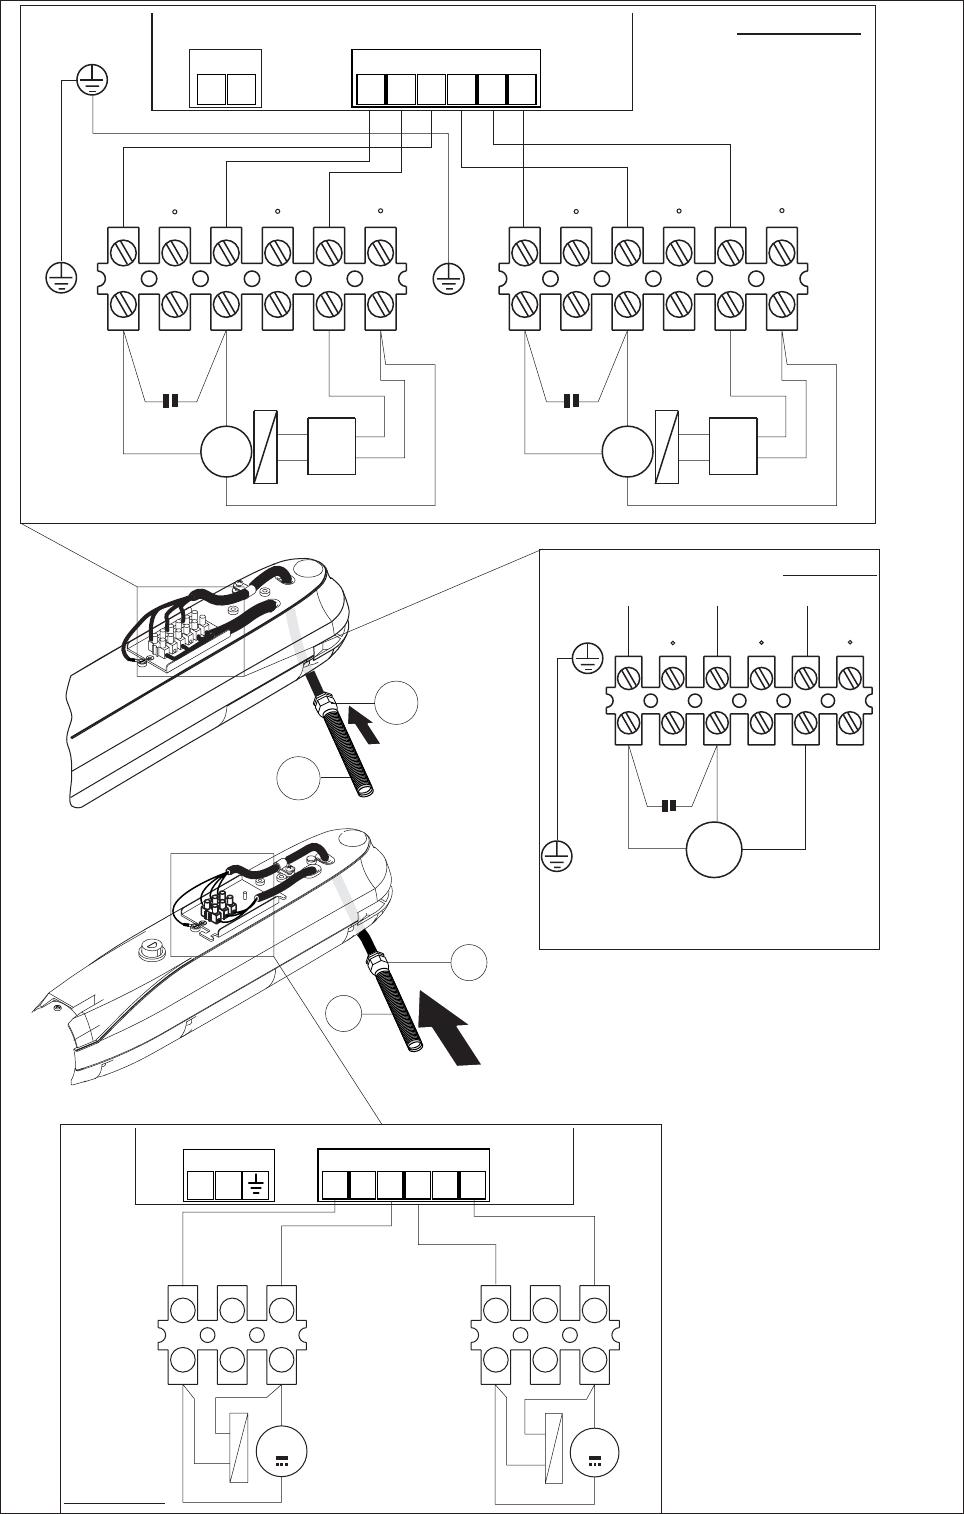 Handleiding DITEC Ditec hekwerkaandrijving, type LUXO (pagina 6 ...